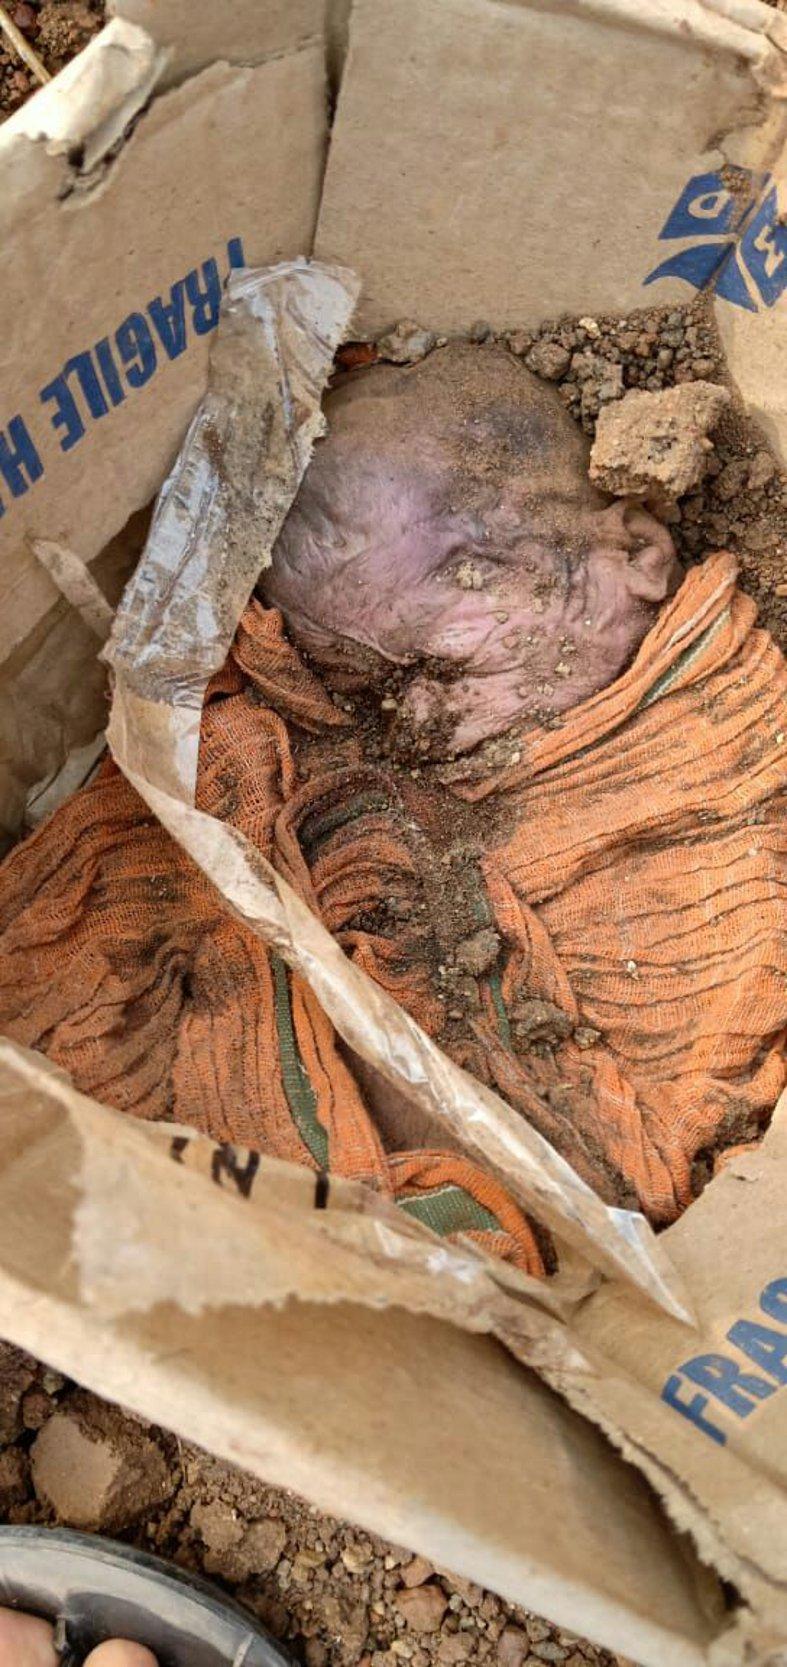 सरकारी स्वास्थ्य केंद्र में गर्भ में बेटी की हत्या